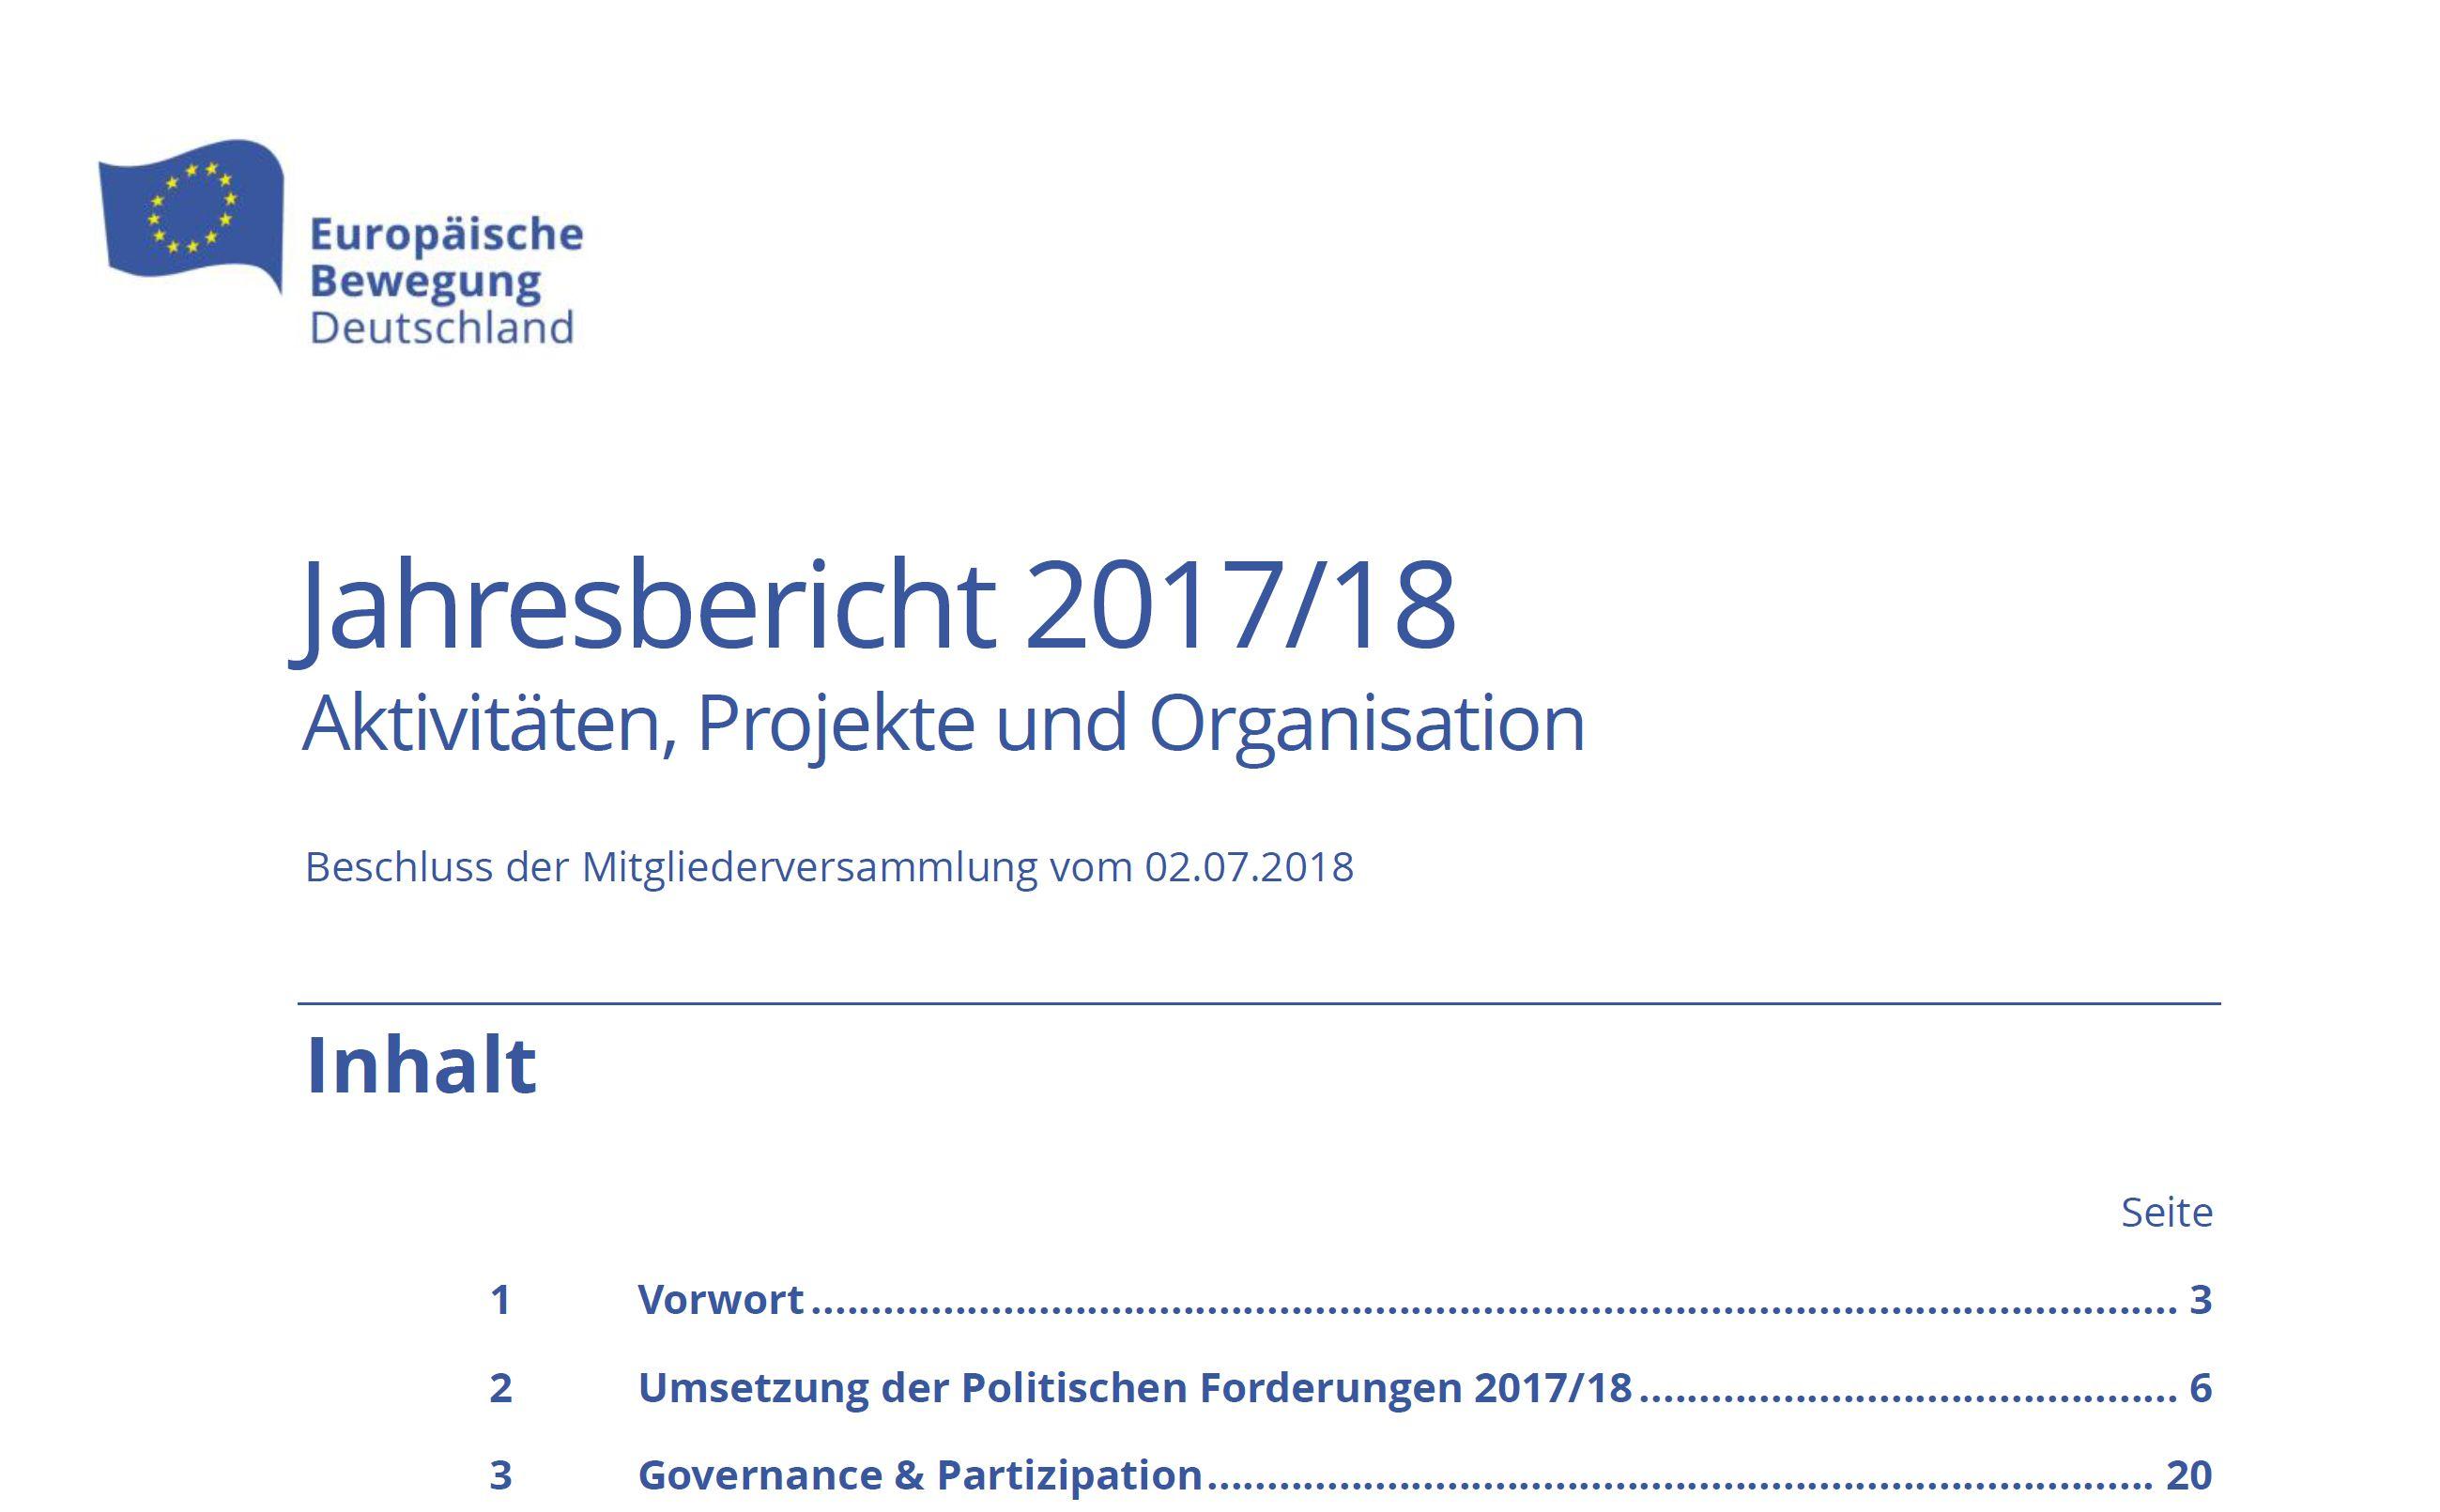 Jahresbericht 2017/18